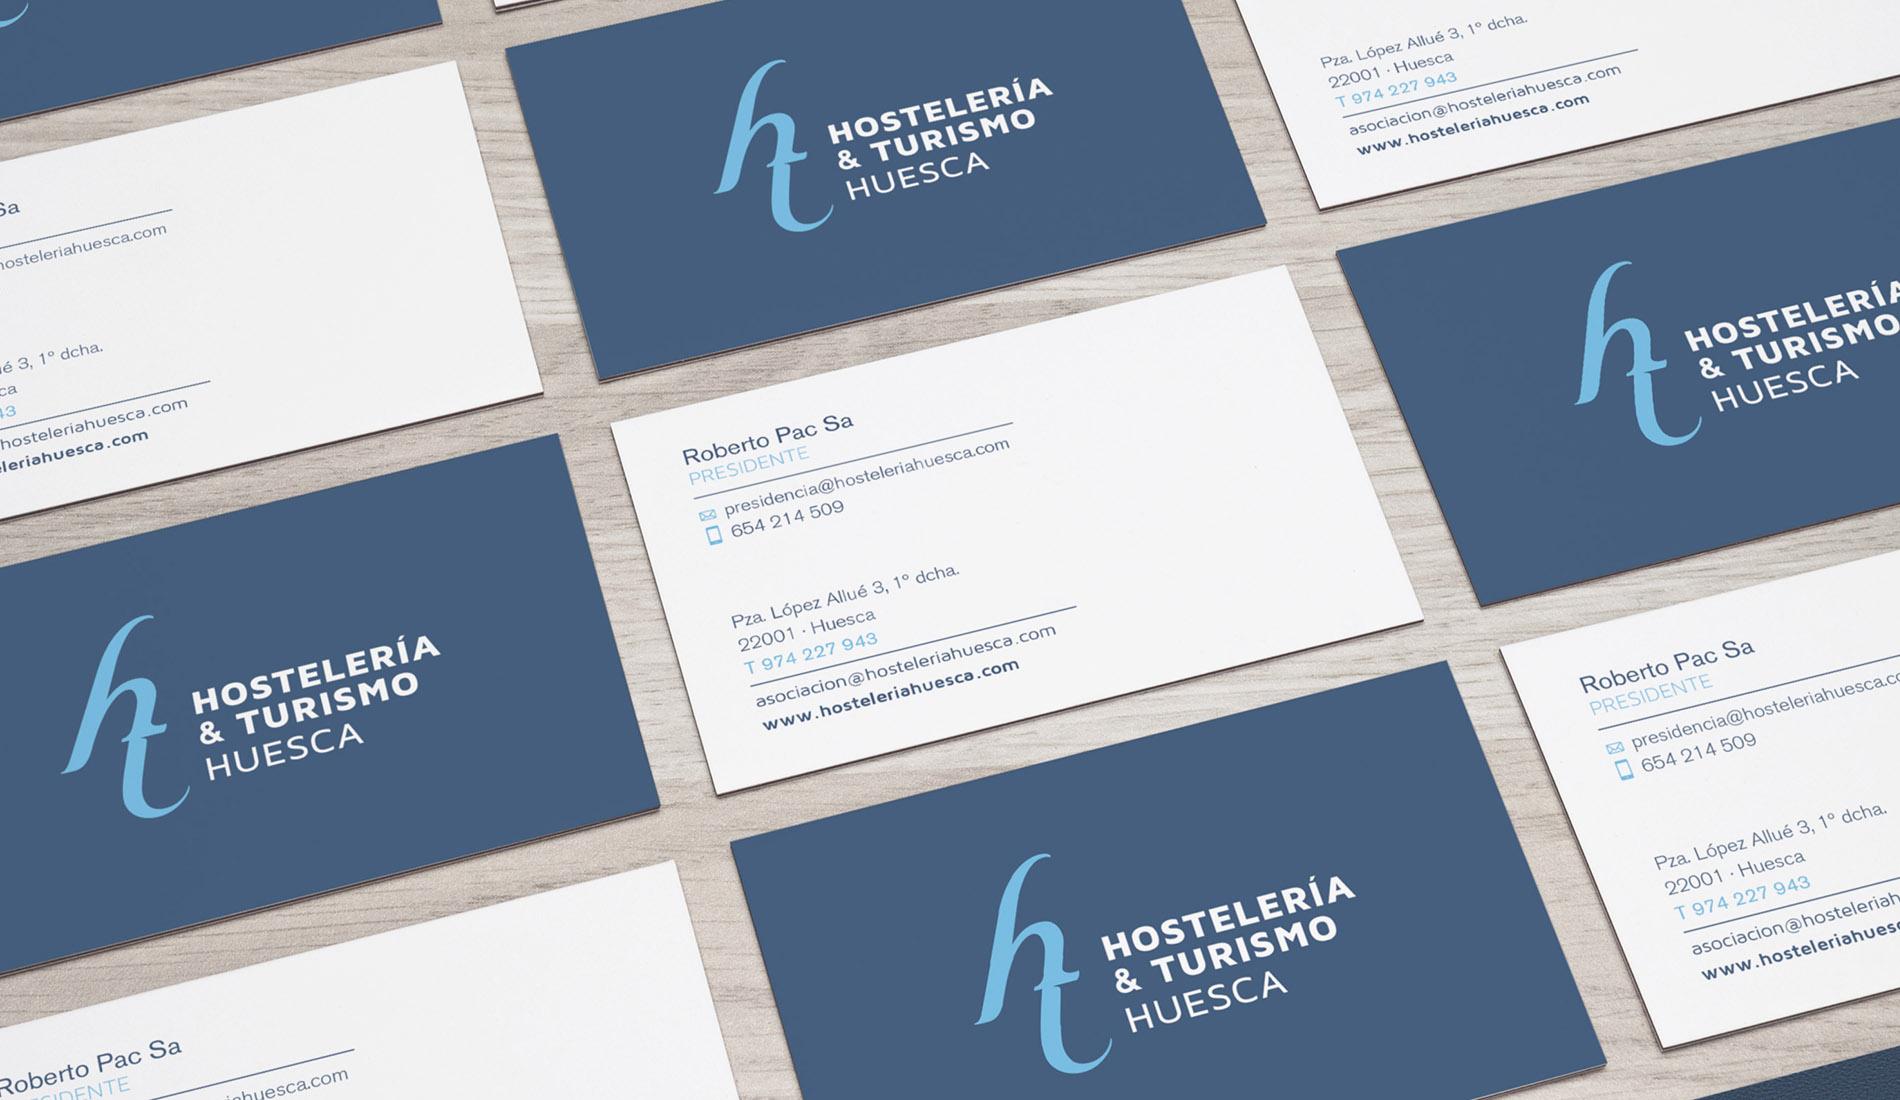 aplicaciones de papeleria asociacion hosteleria y turismo